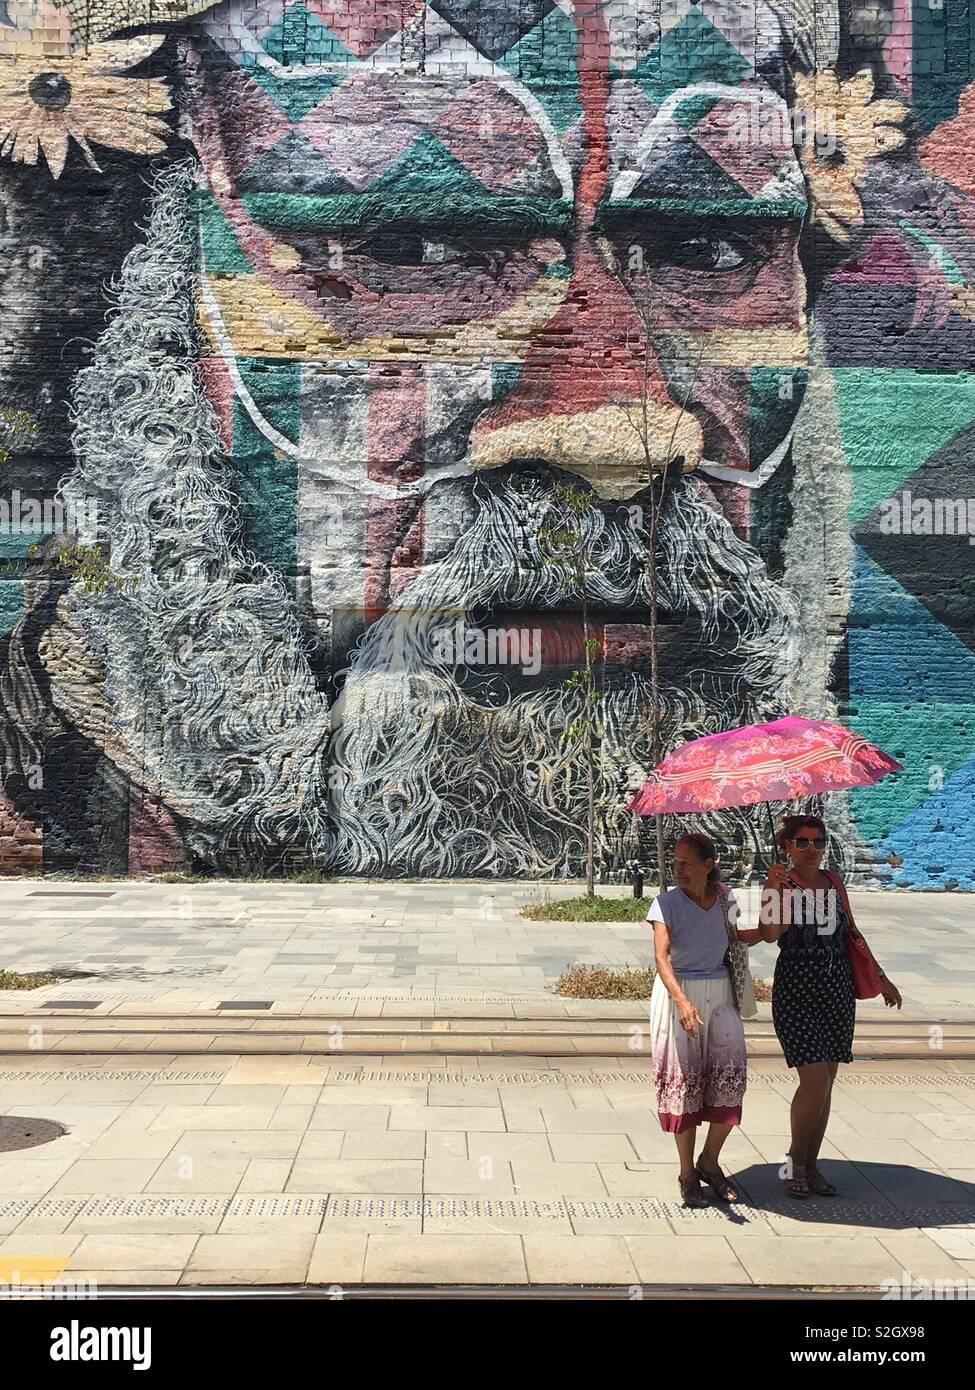 Plus grand street art murale dans le monde à Rio. Banque D'Images